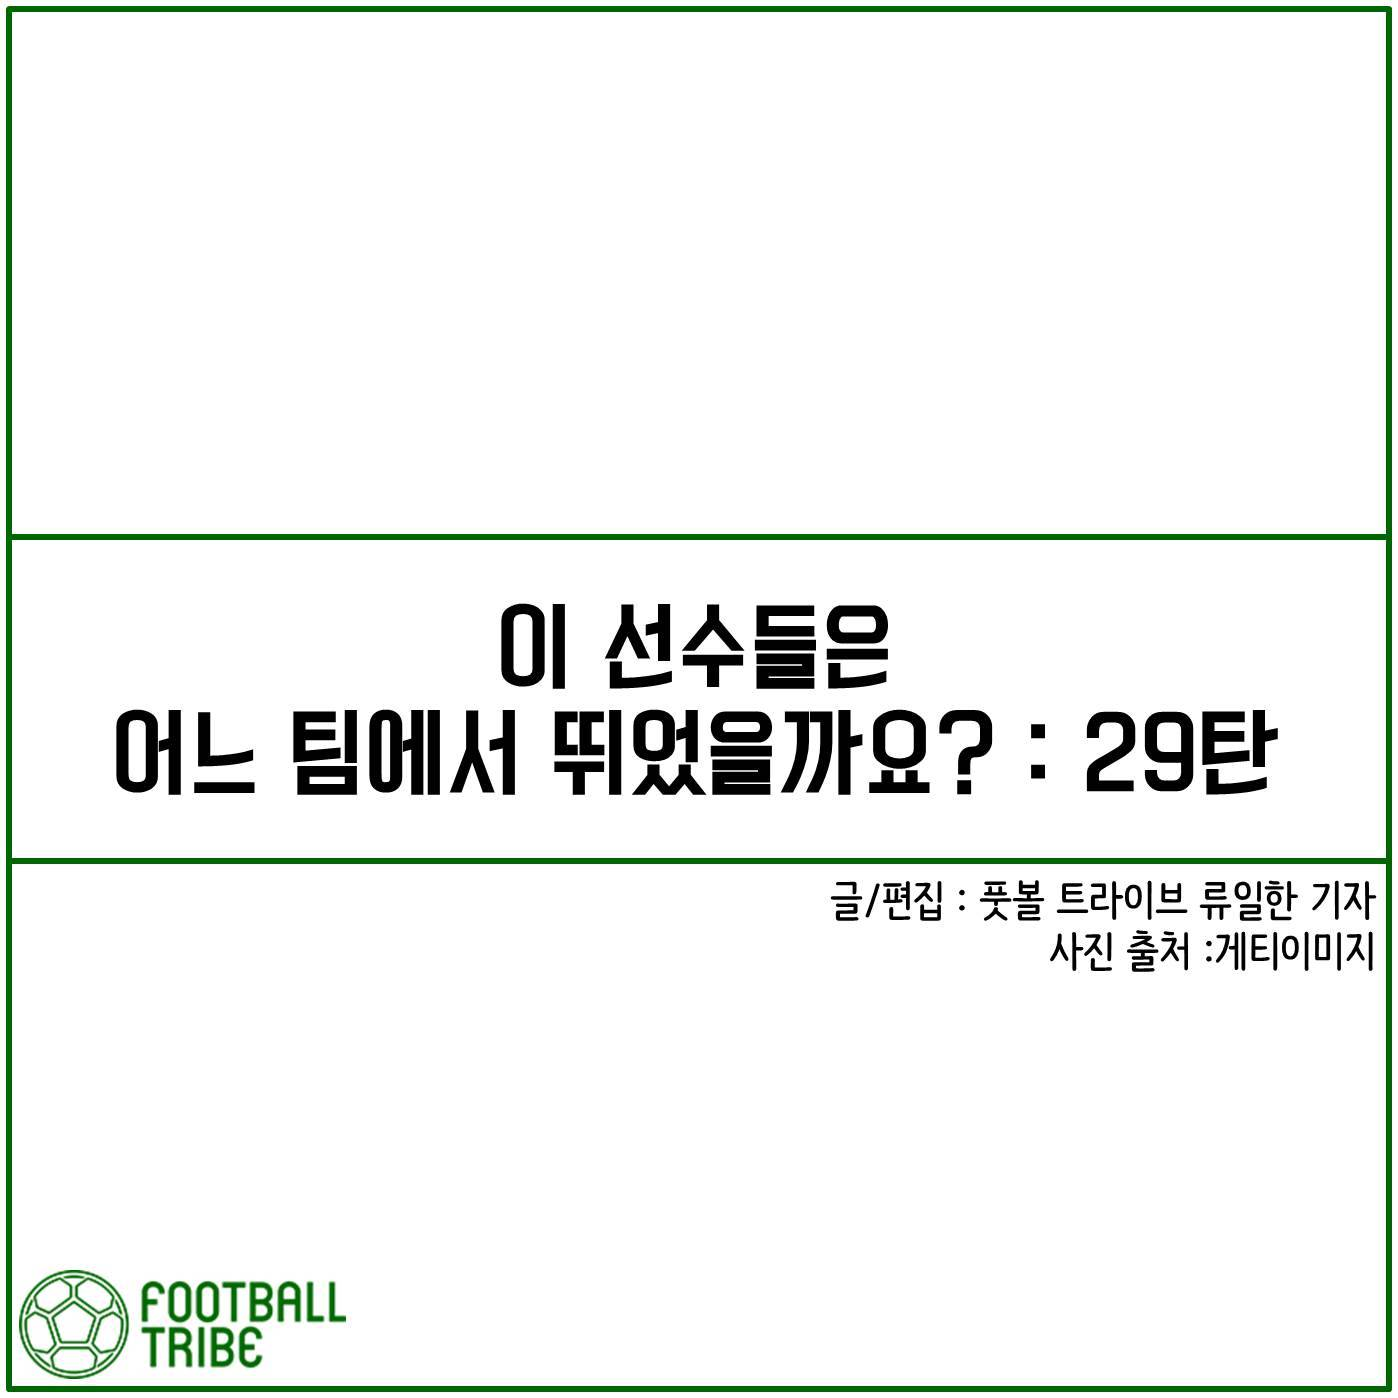 [카드 뉴스] 이 선수들은 어느 팀에서 뛰었을까요?: 29탄